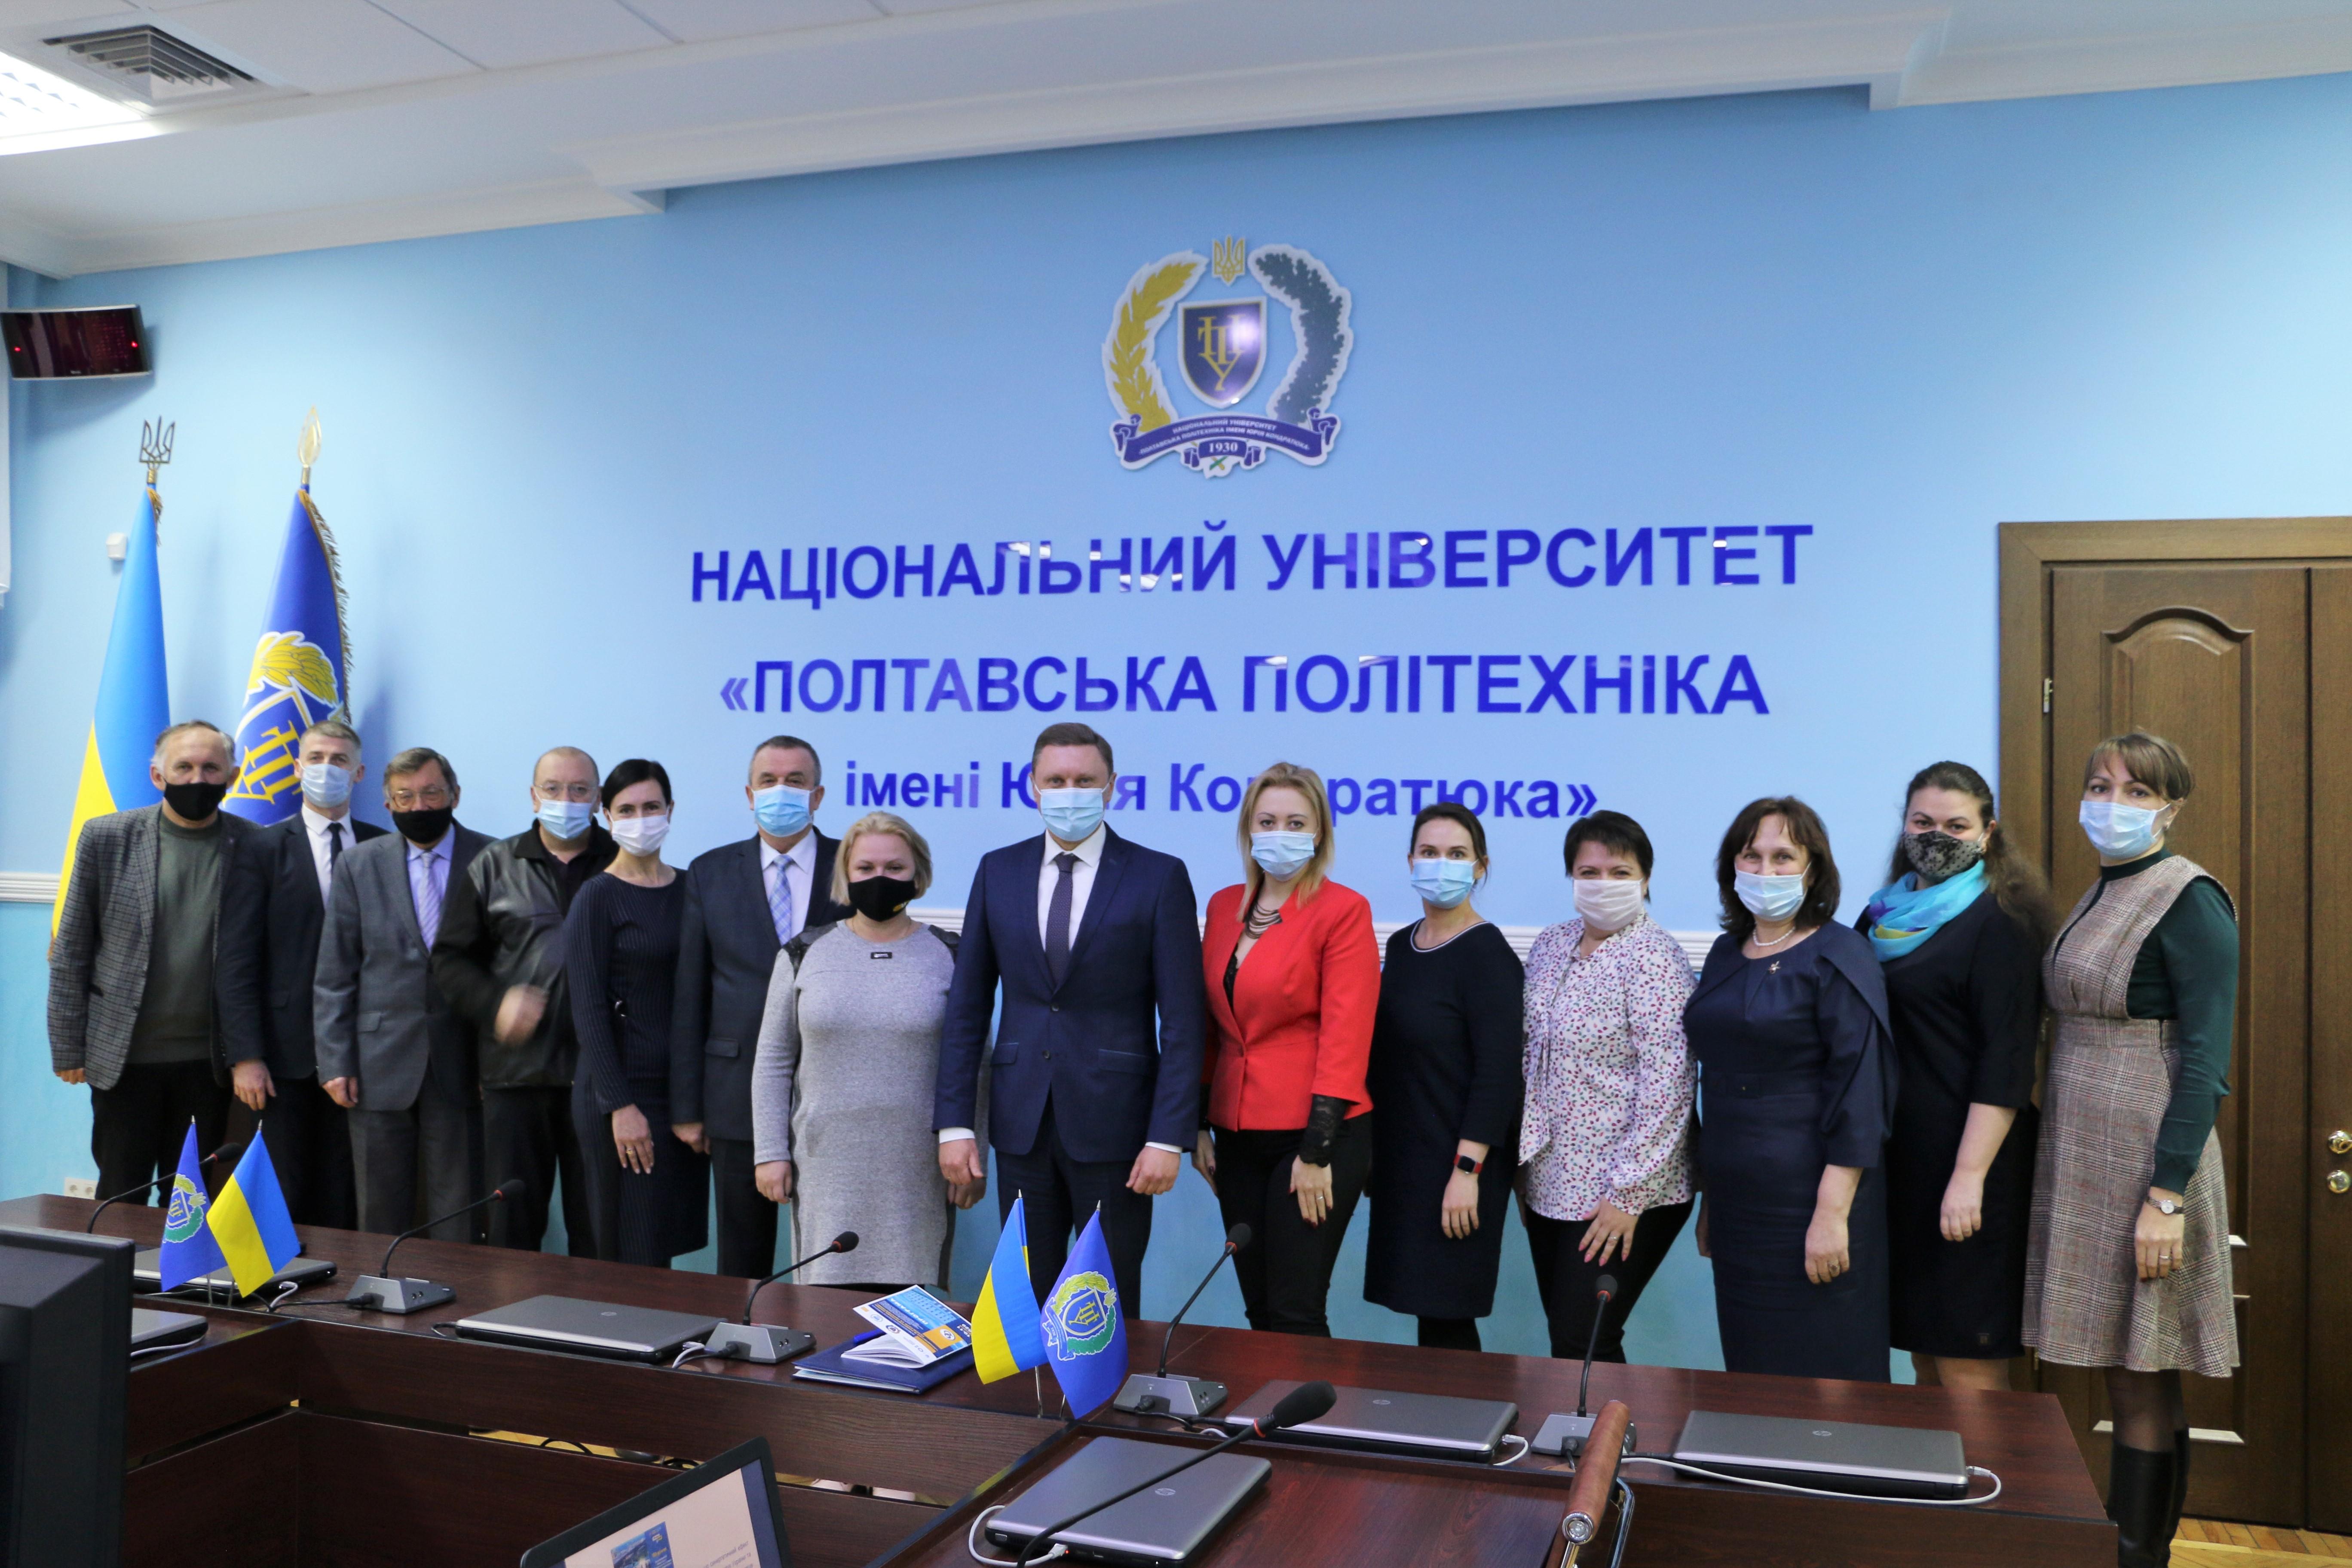 Президент і академіки НАН України привітали Полтавську політехніку з ювілеєм!